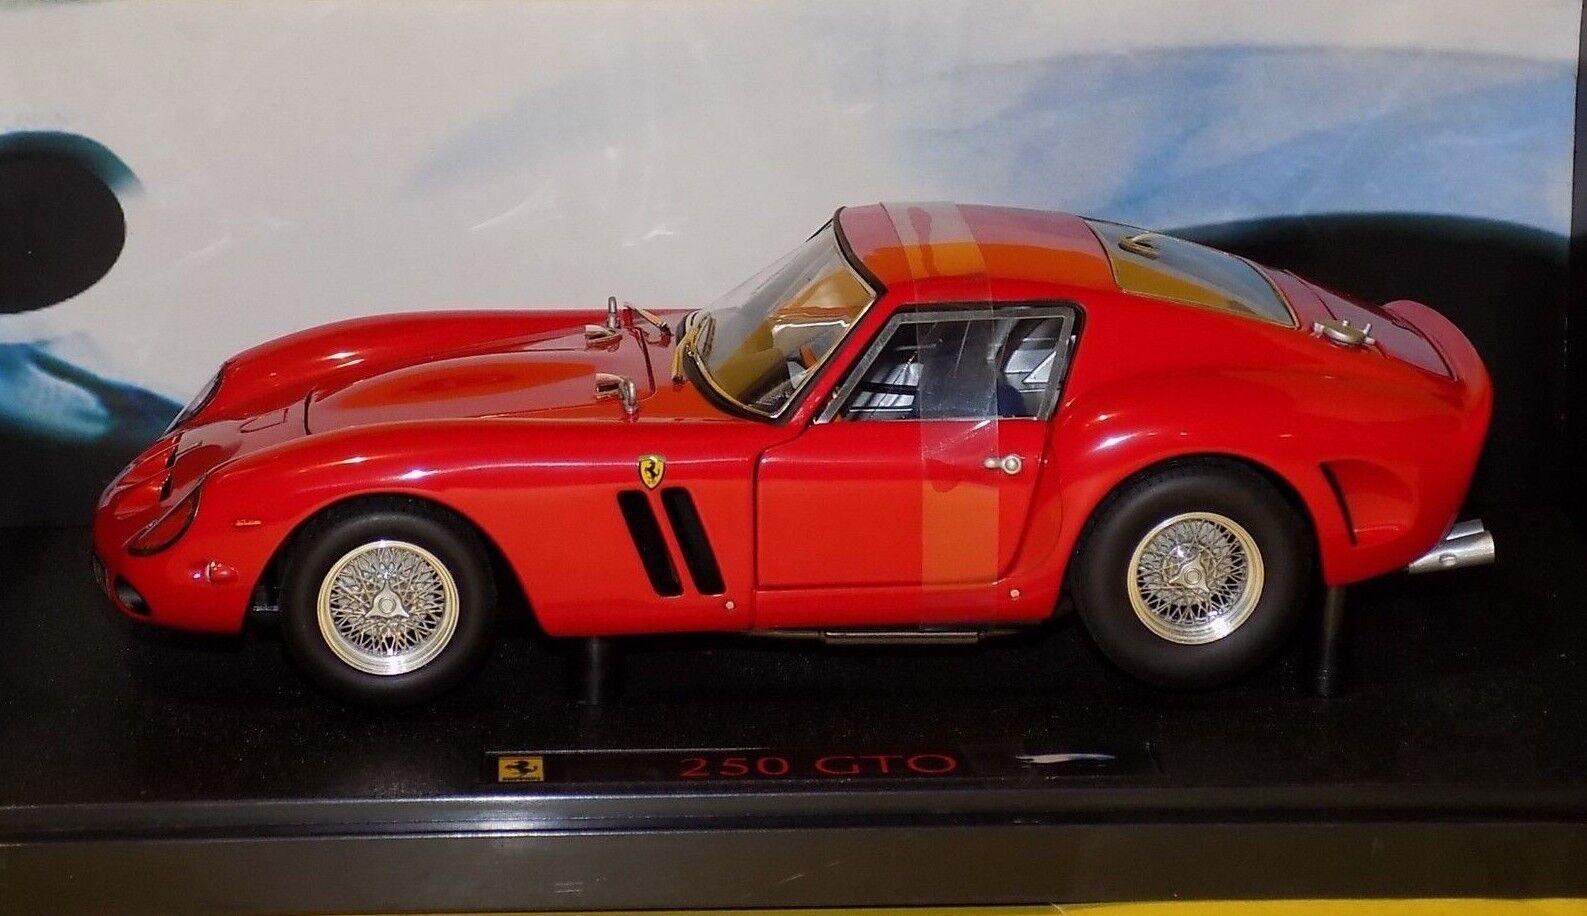 Ferrari 250 gto 1962 rote elite k8727 1,18